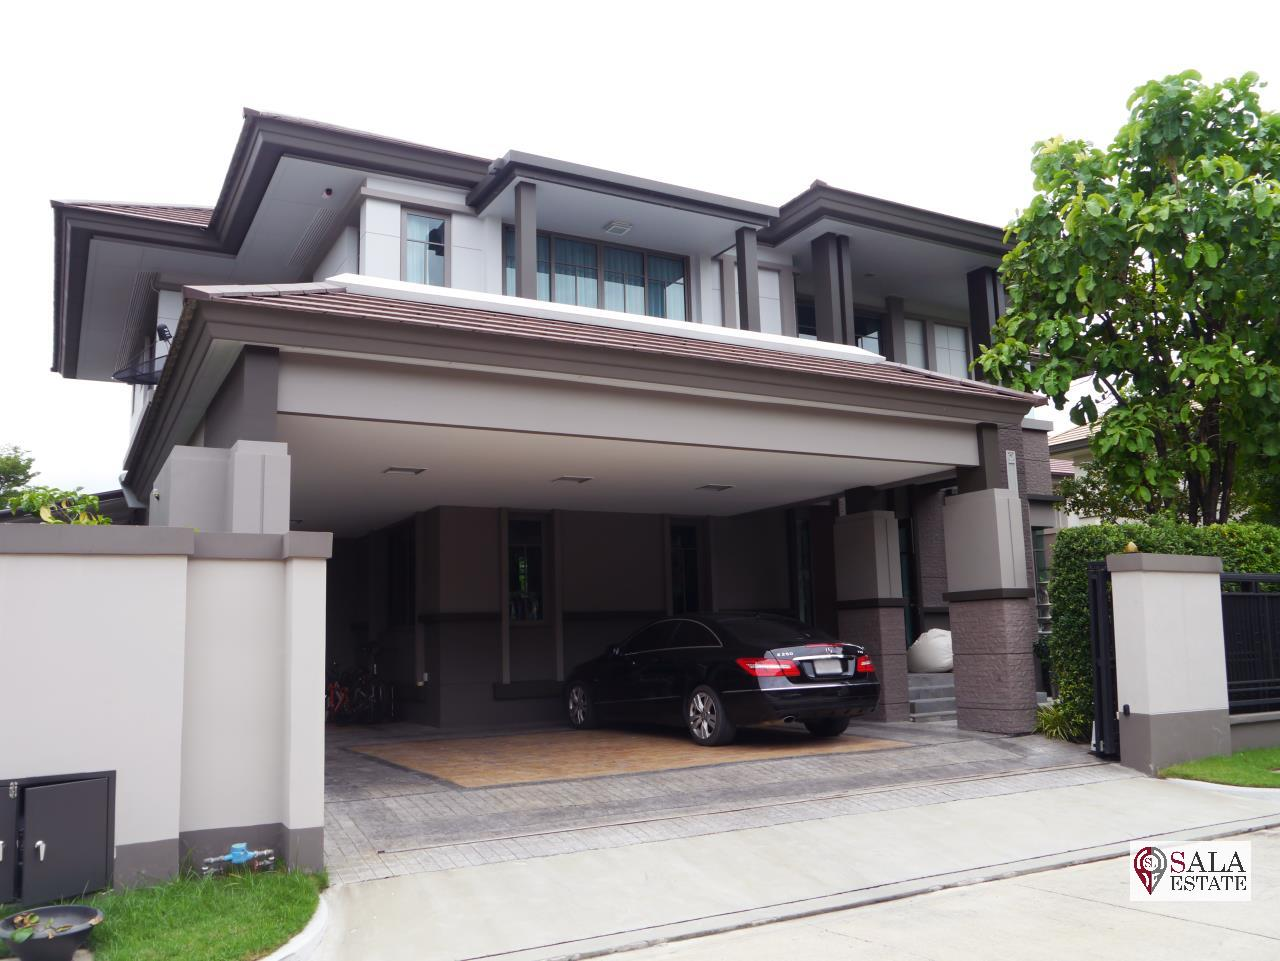 ขาย บ้าน แขวงบางเชือกหนัง เขตตลิ่งชัน กรุงเทพมหานคร, ภาพที่ 1